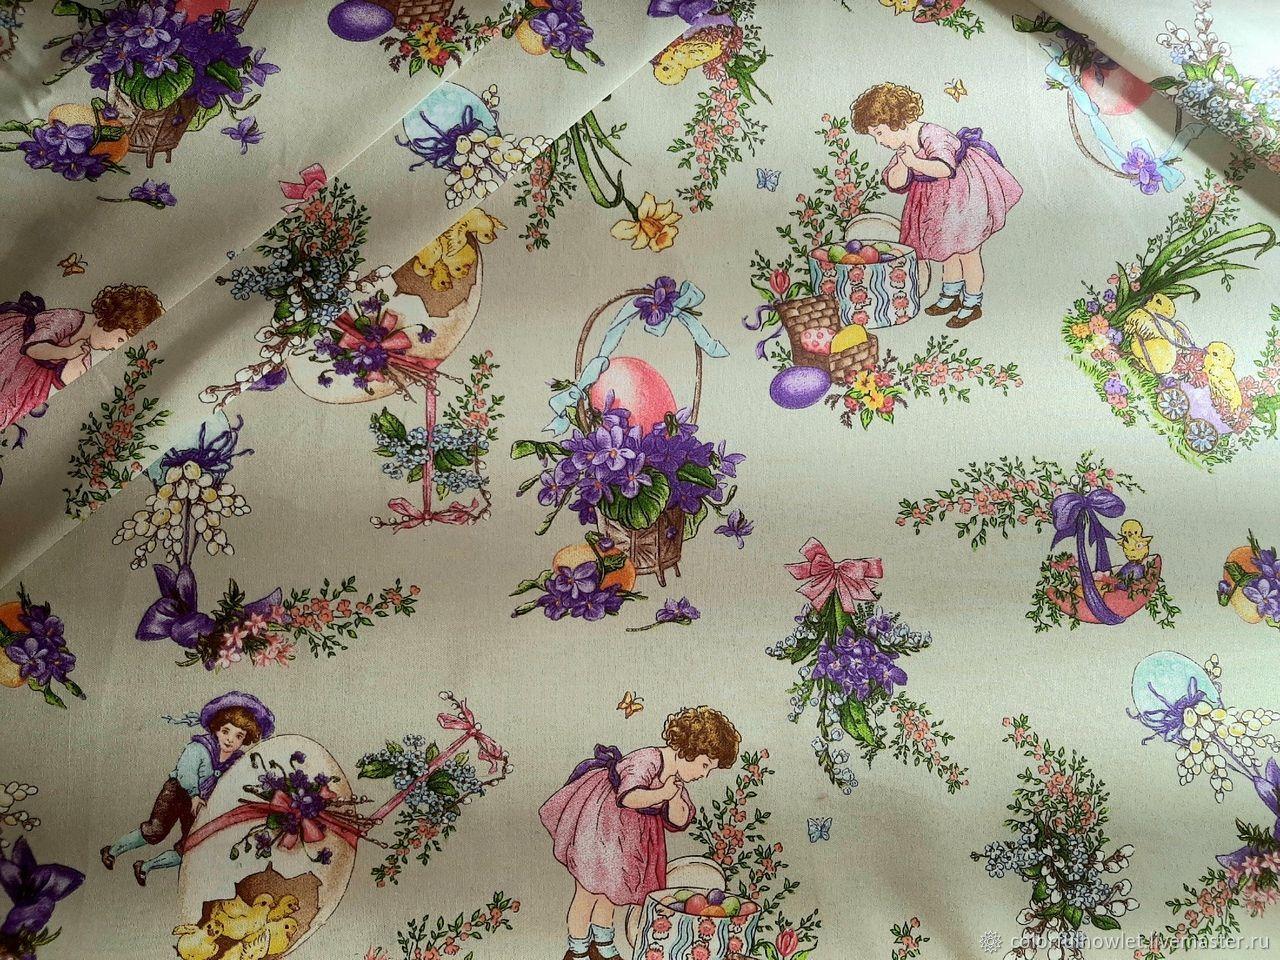 Уценка! Пасхальная  ткань 100% хлопок для шитья саржа рогожка, Ткани, Иваново,  Фото №1